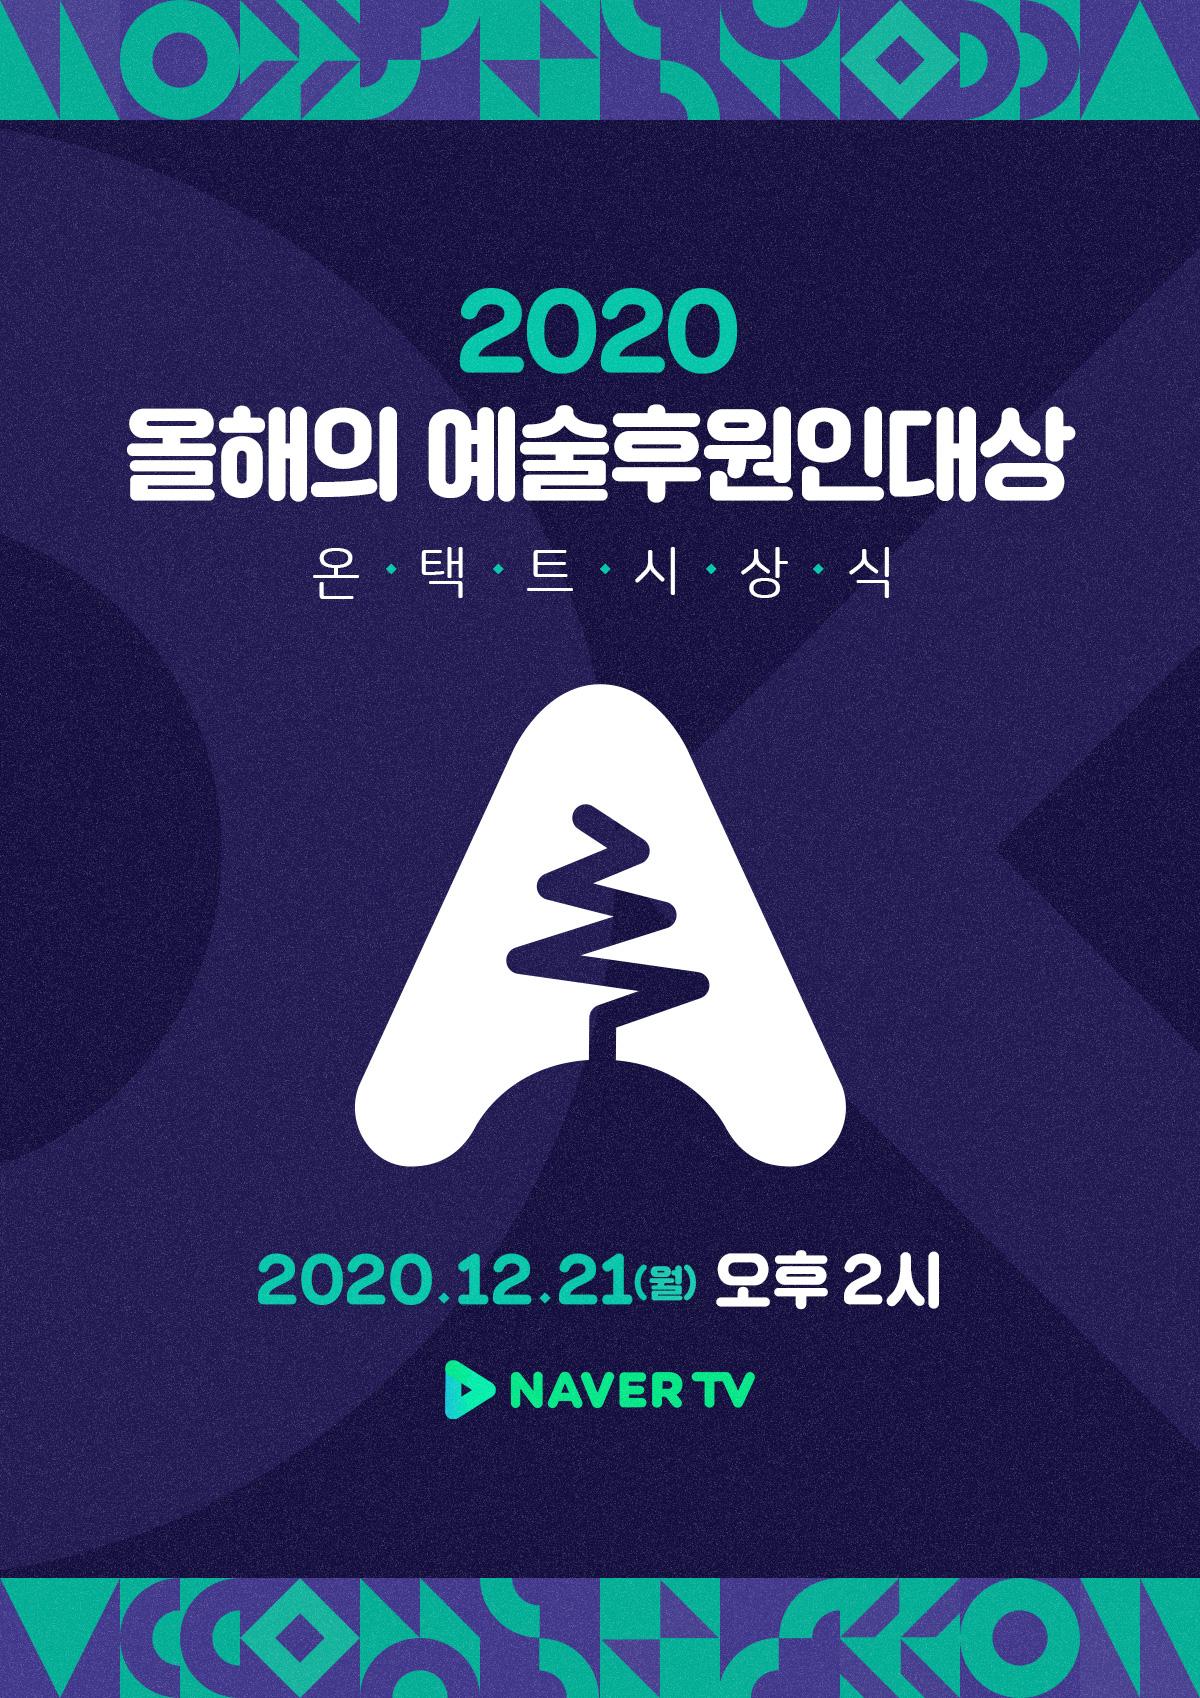 2020올해의 예술후원인대상 온택시상식 2020.12.21(월)오후2시 네이버TV